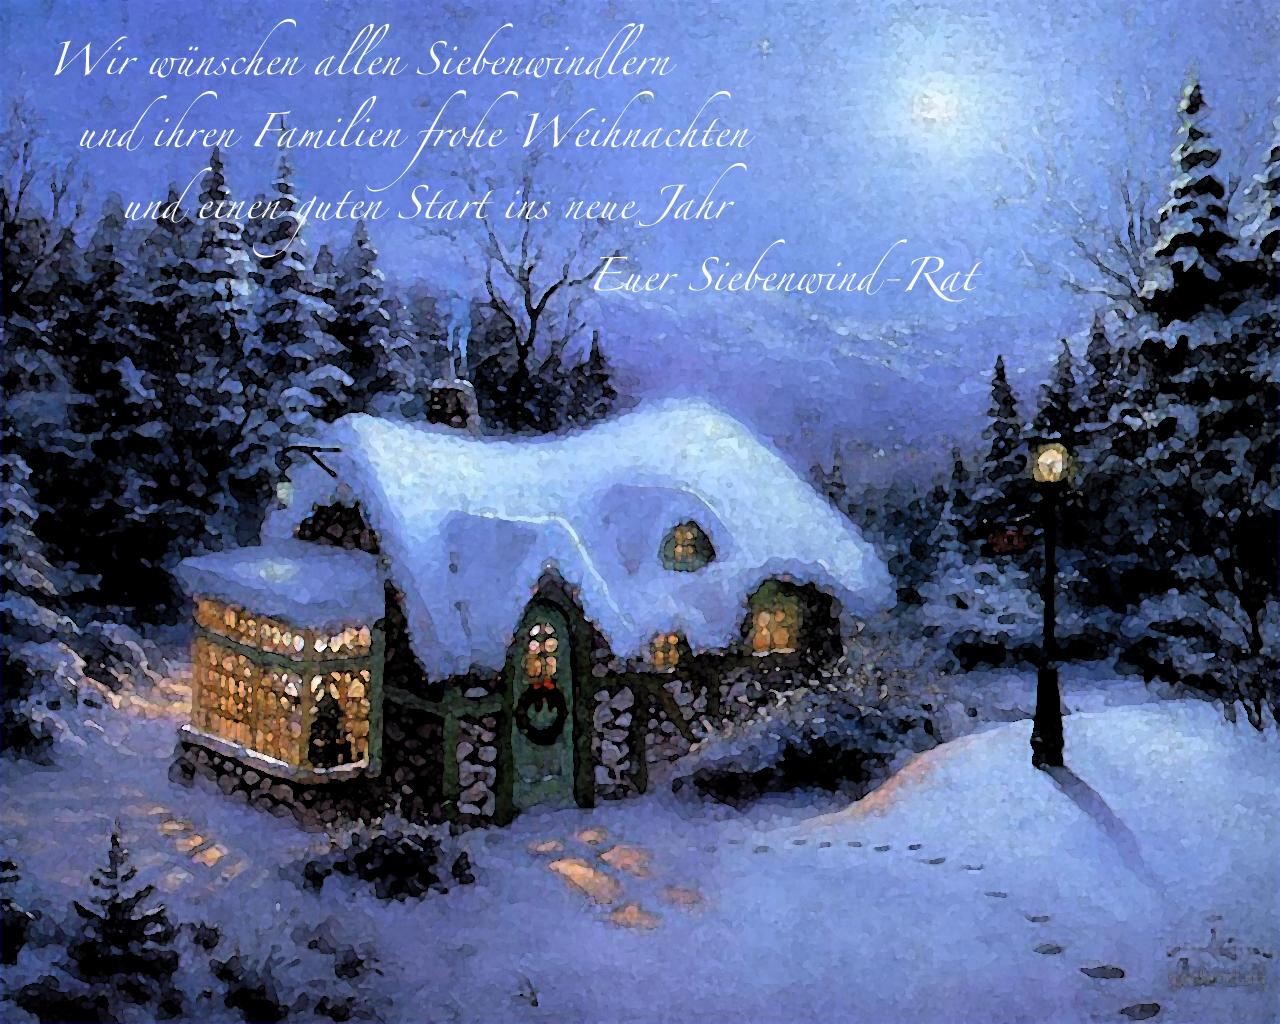 Frohe Weihnachten Euch Allen.Frohe Weihnachten Euch Allen Siebenwind Ultima Online Freeshard